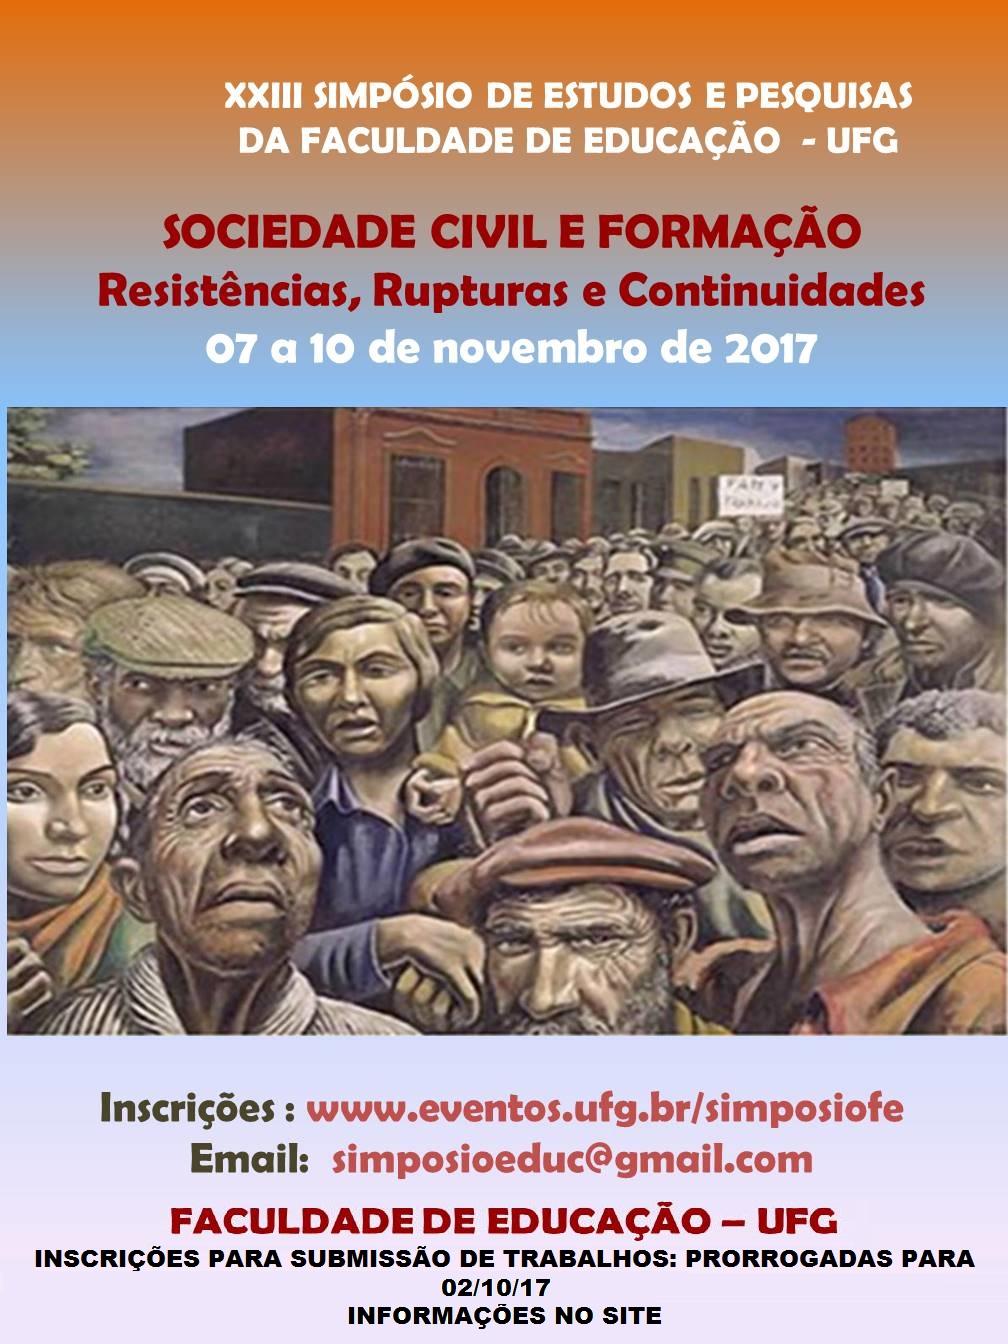 XXIII SIMPÓSIO DA FACULDADE DE EDUCAÇÃO